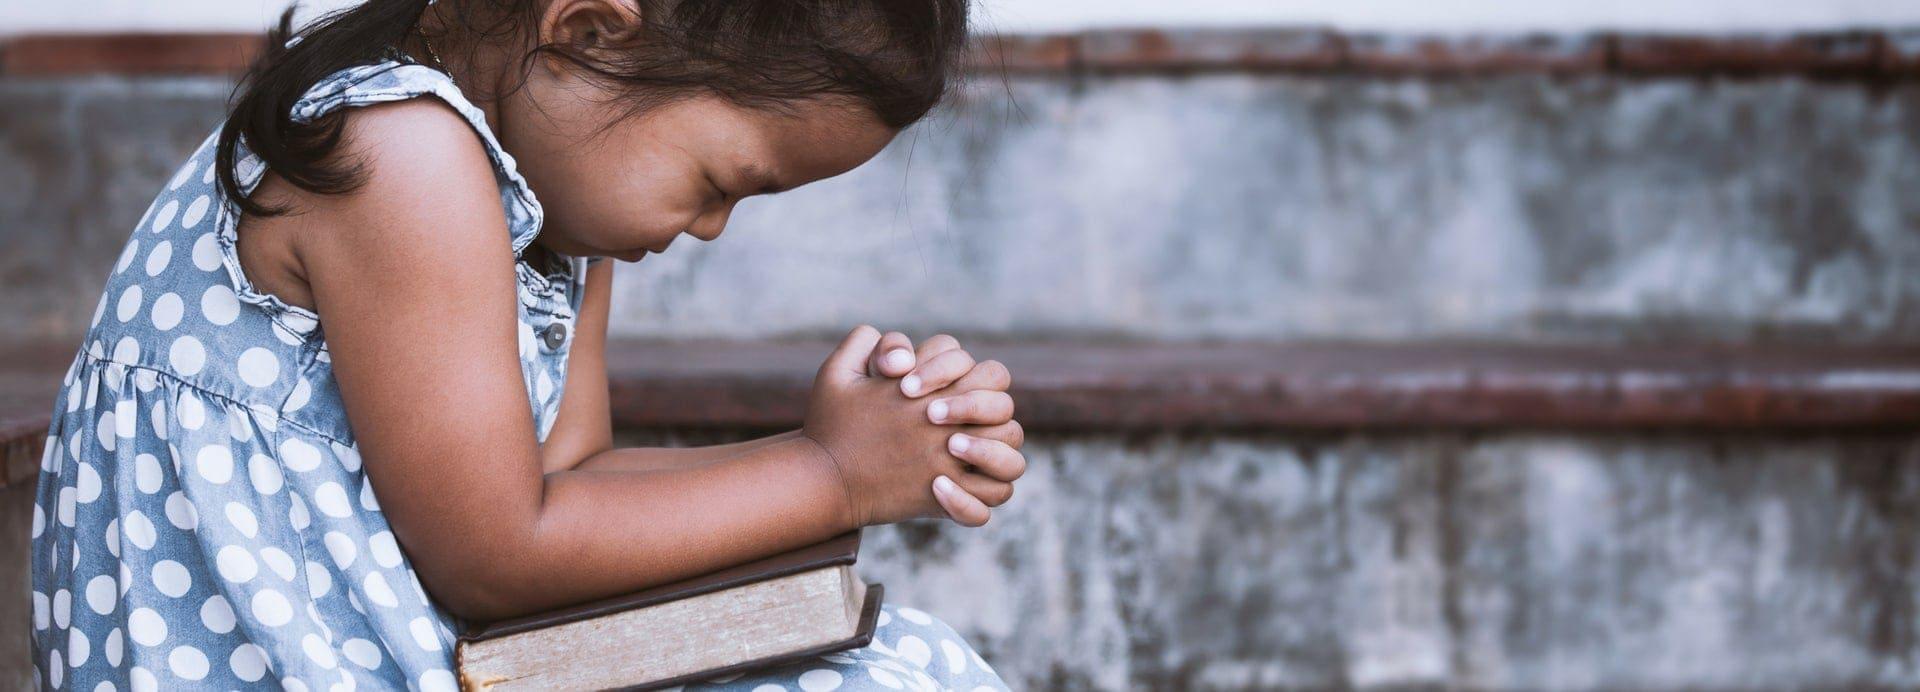 Help Is Just a Prayer Away